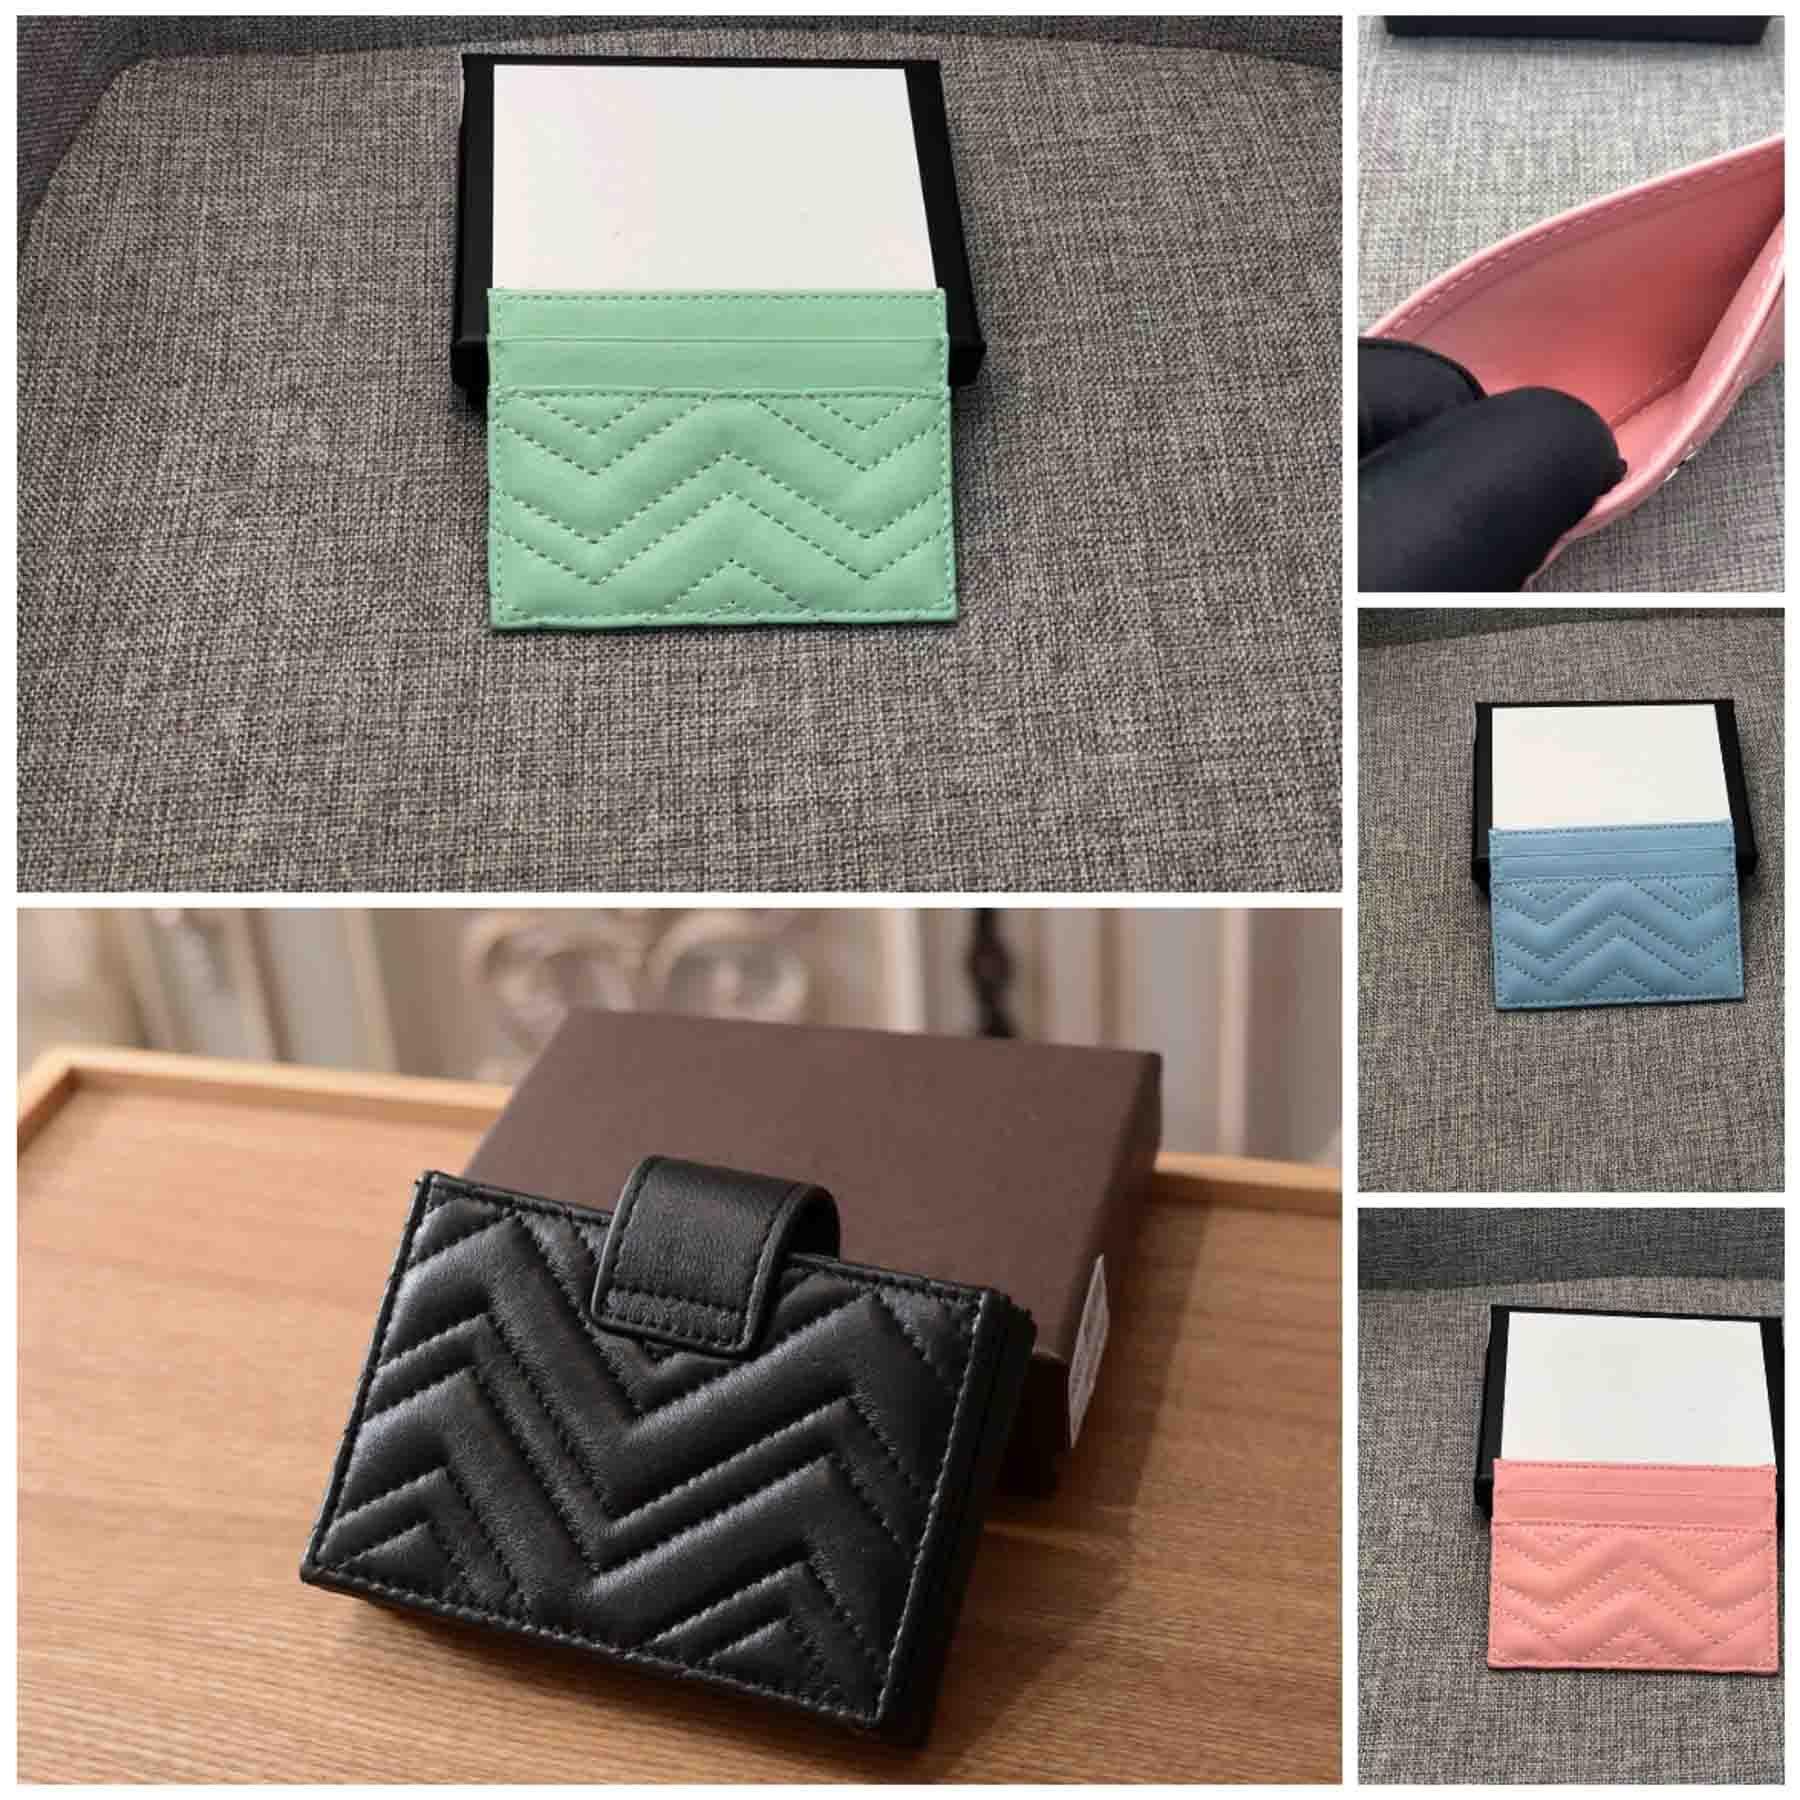 الفاخرة الكلاسيكية جلد الغنم حقيبة الأزياء سيدة جلد محفظة عملة محفظة حقيبة قصيرة مع مربع